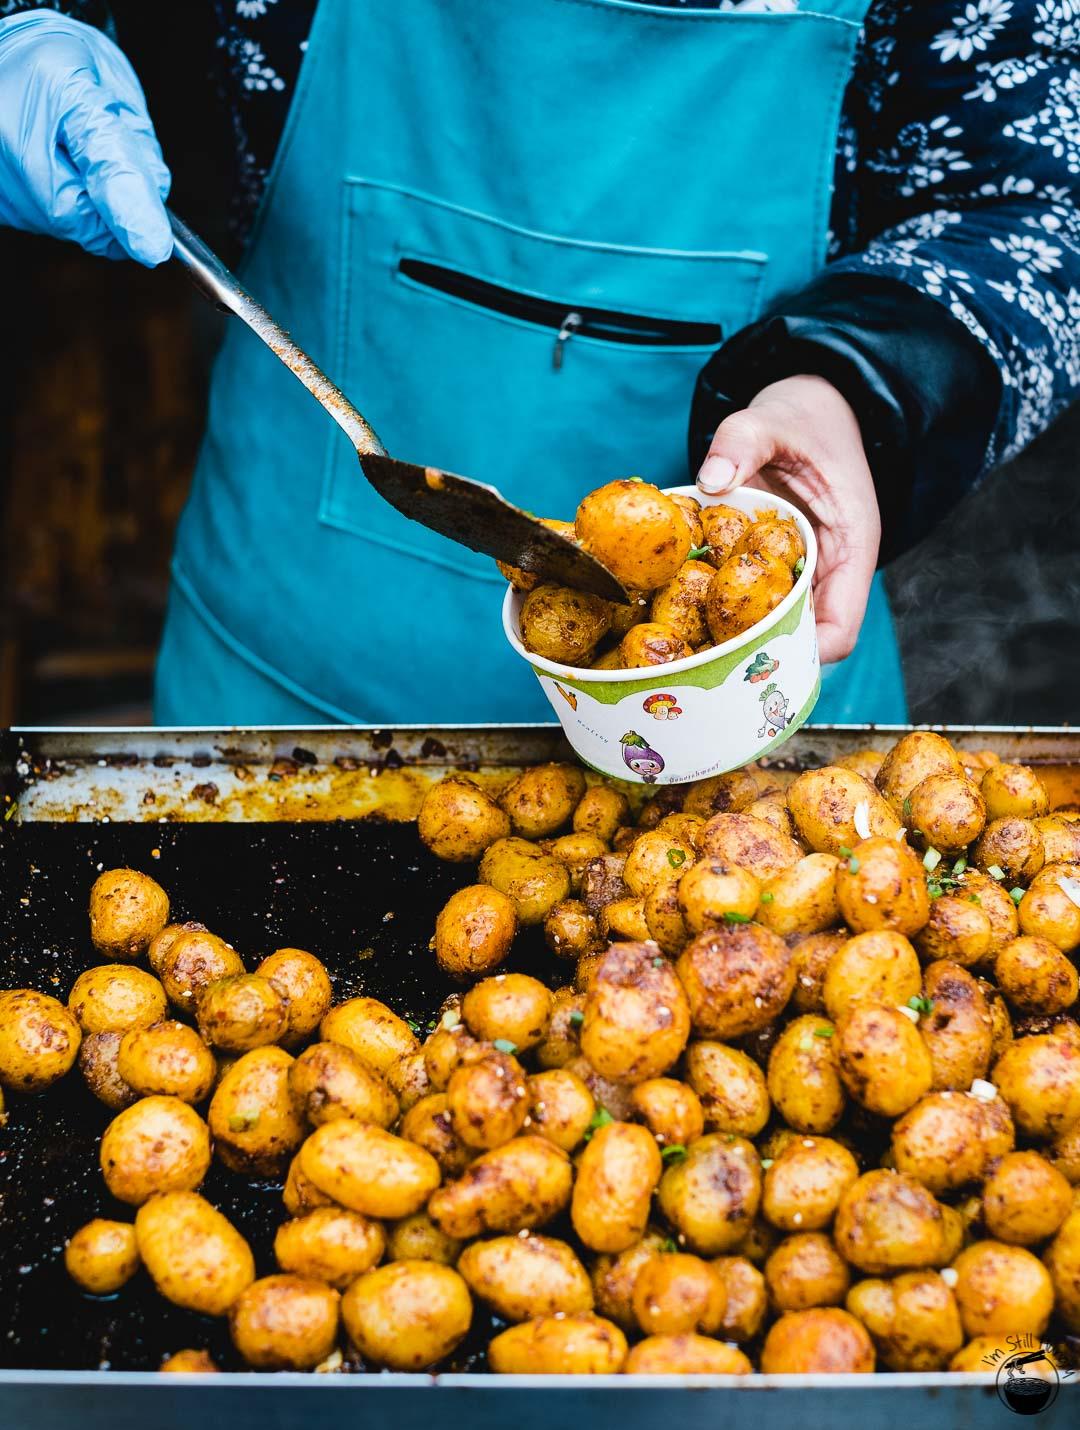 高山小土豆 (gao shan xiao tu dou) Hui Min Jie Xi'an Muslim Street Food